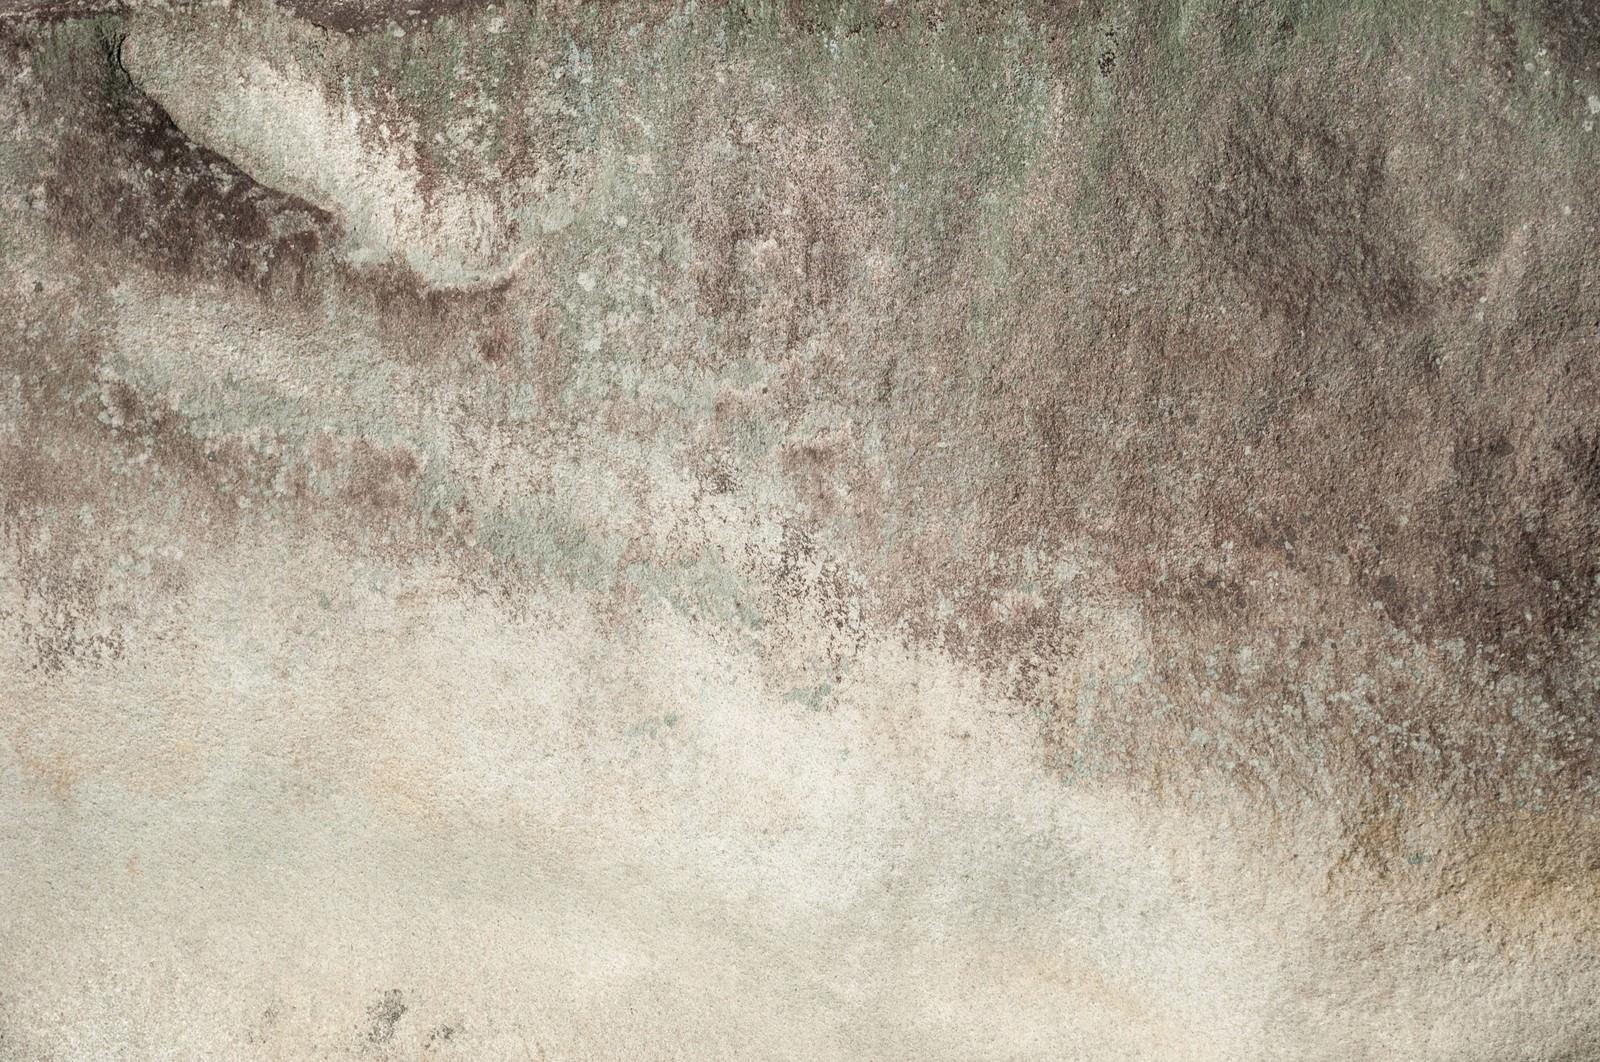 「擦れた壁のテクスチャ」の写真